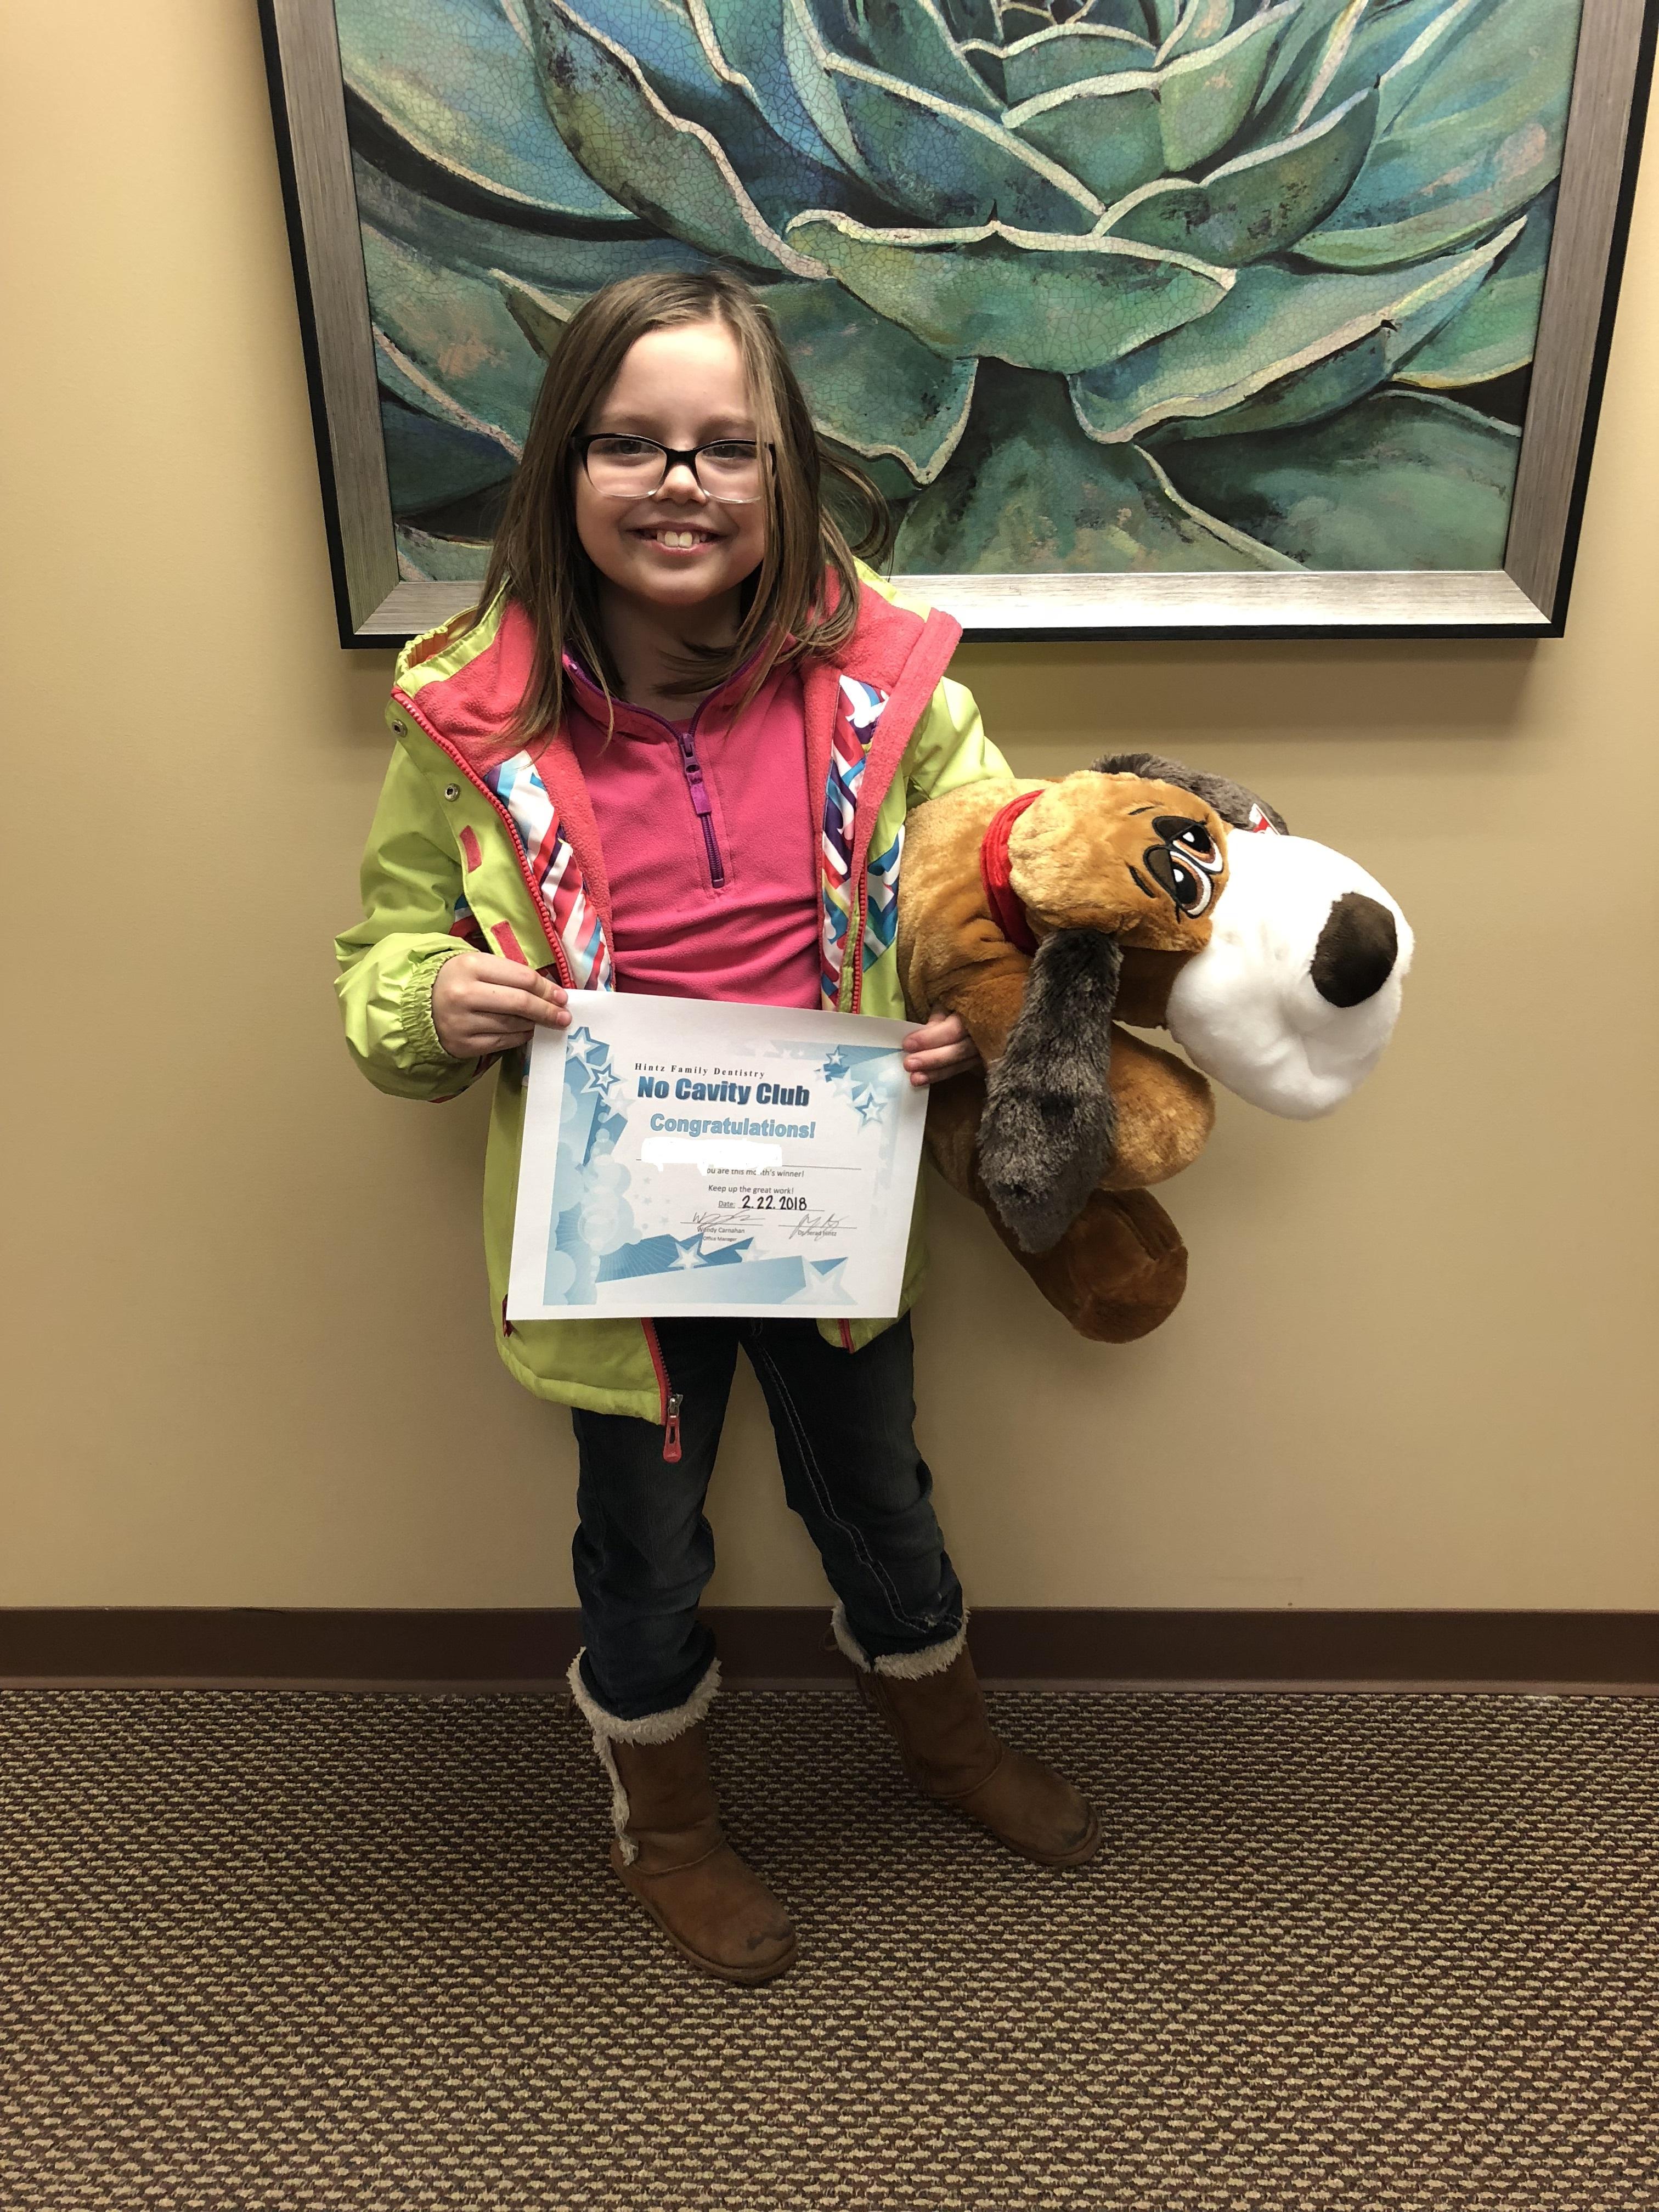 Des Moines's January 2018 winner